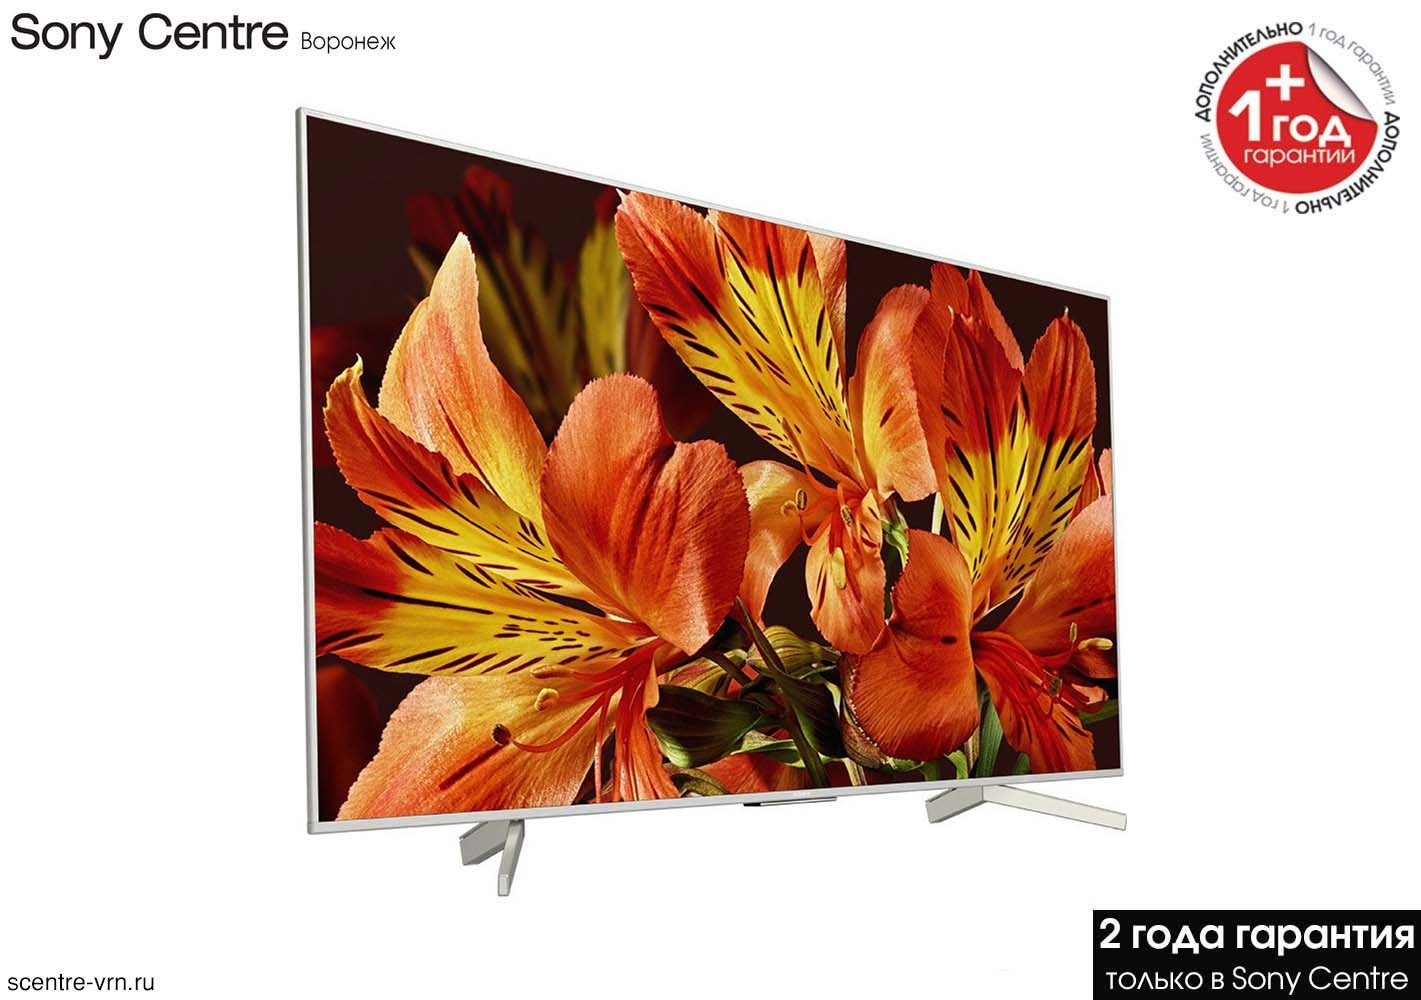 Телевизор Sony KD-49XF8577 купить в Sony Centre Воронеж